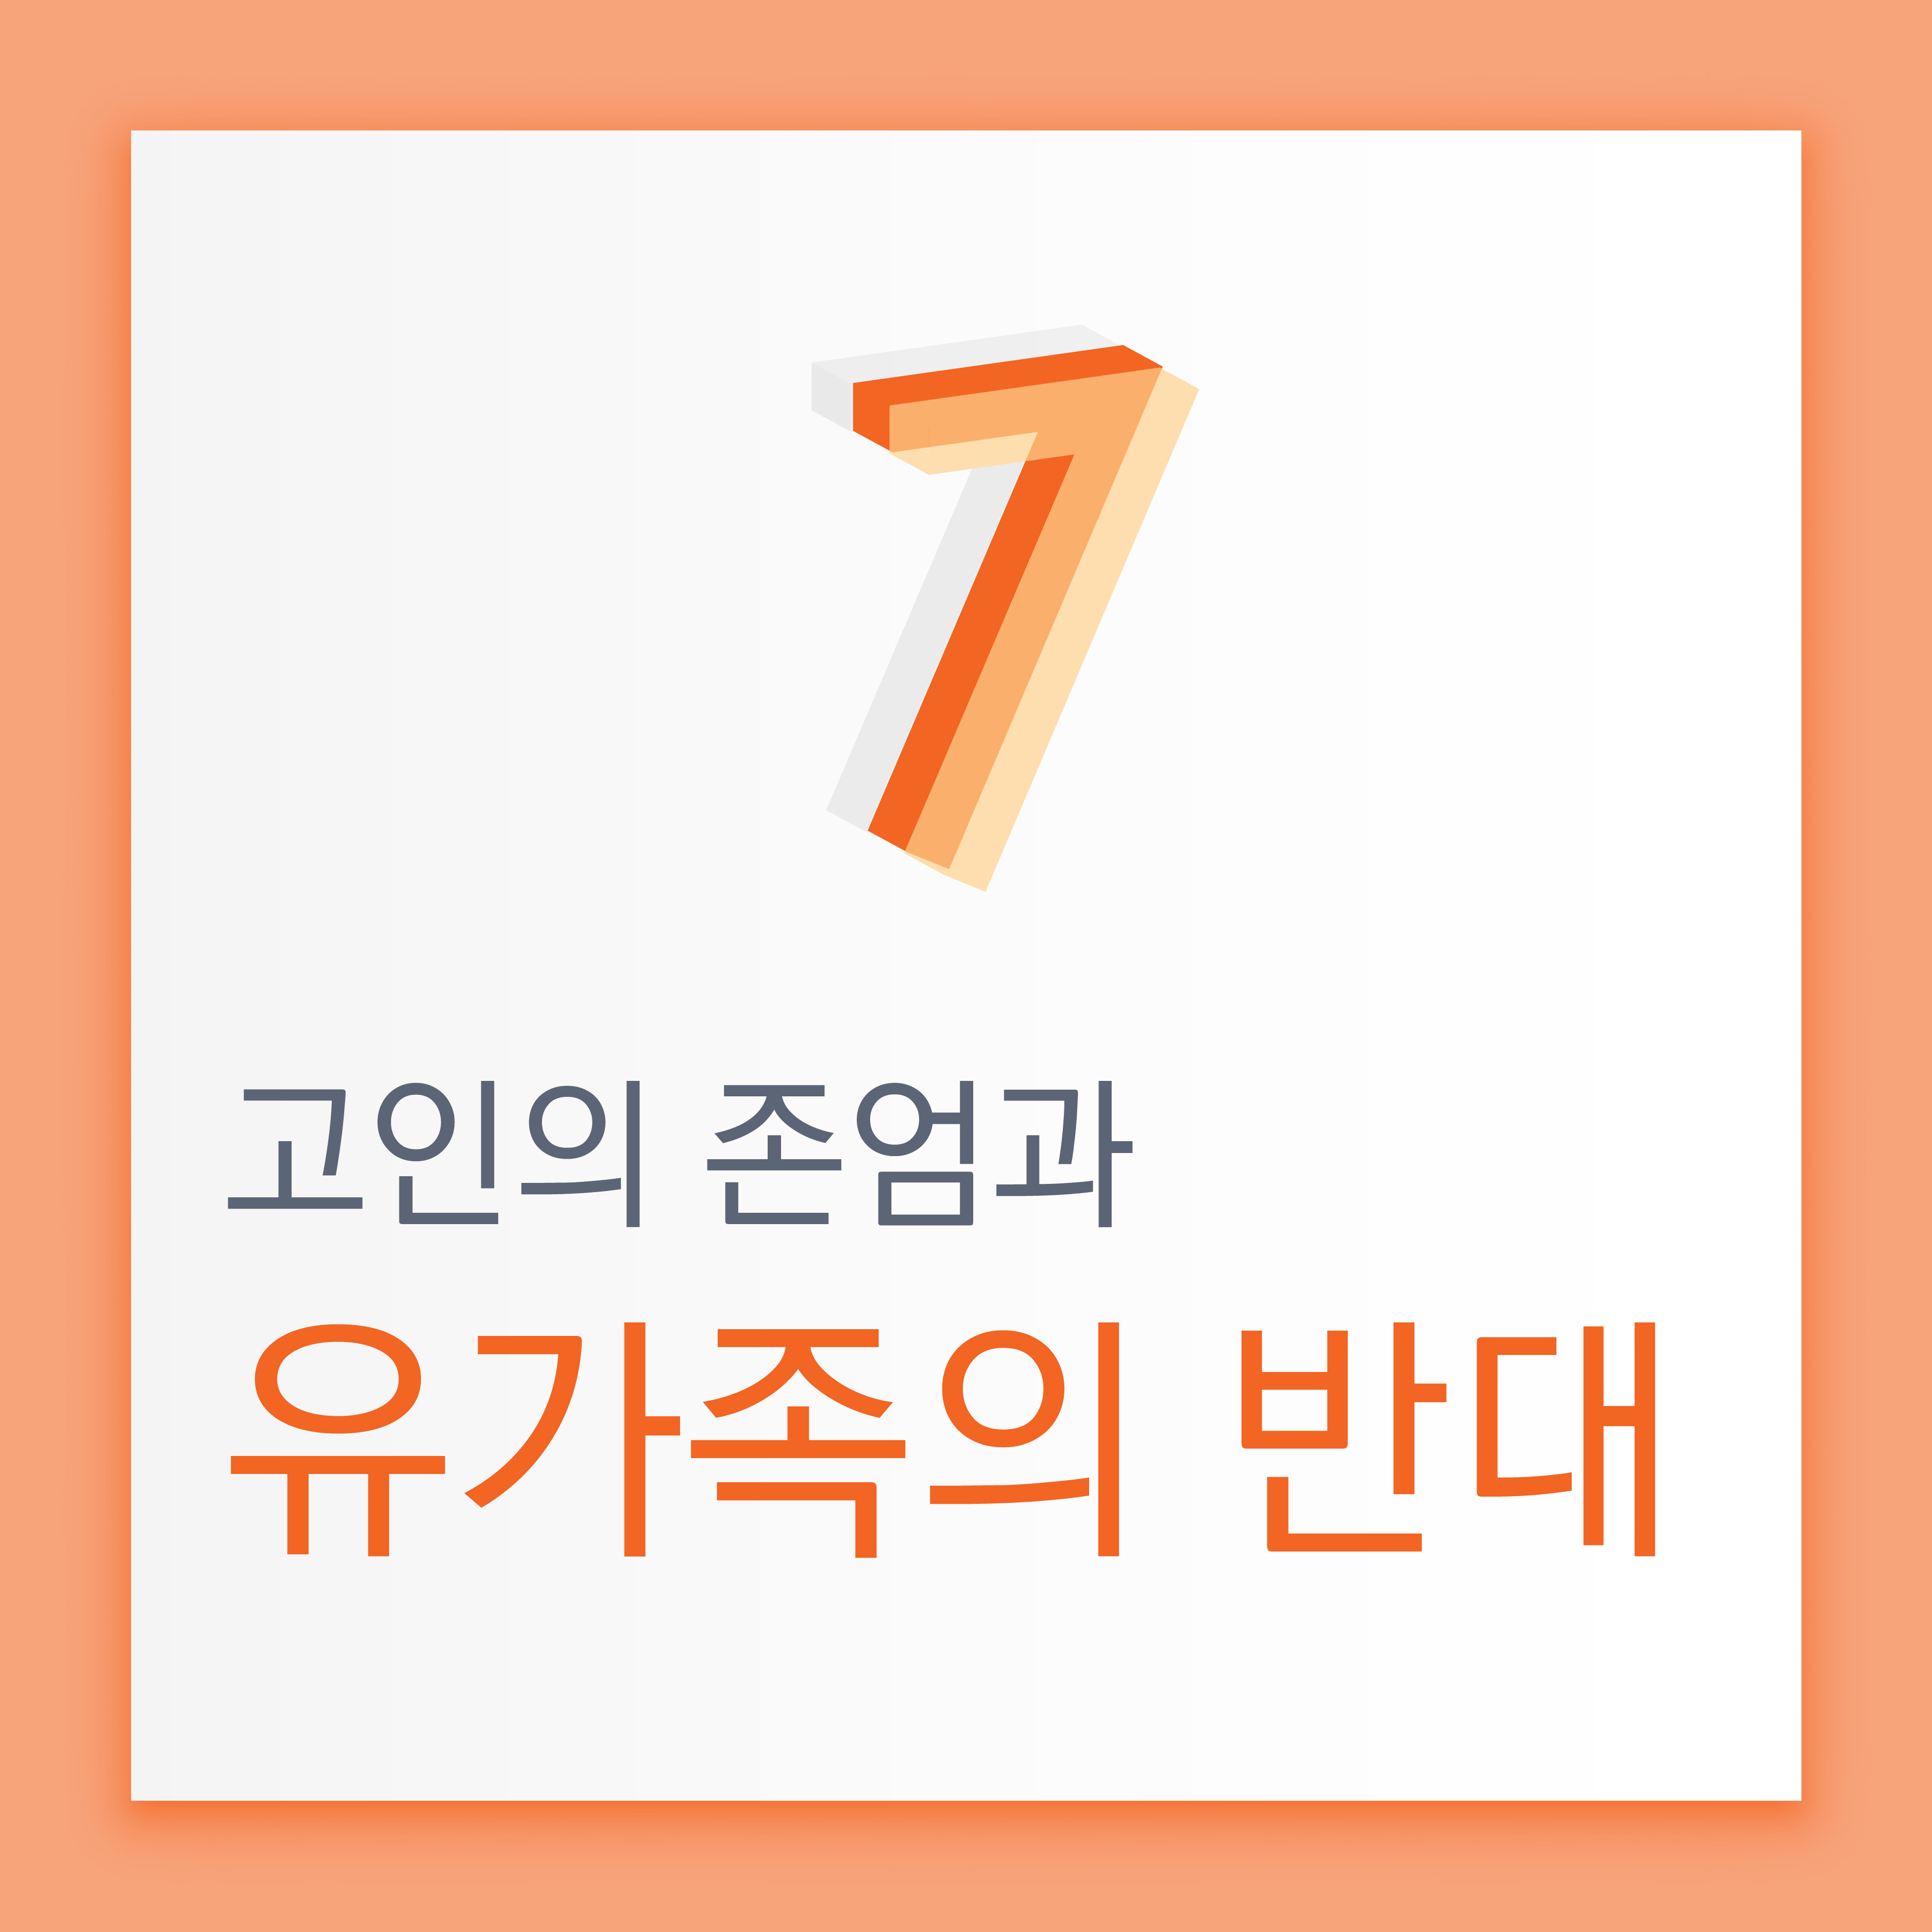 백남기 카드뉴스-22